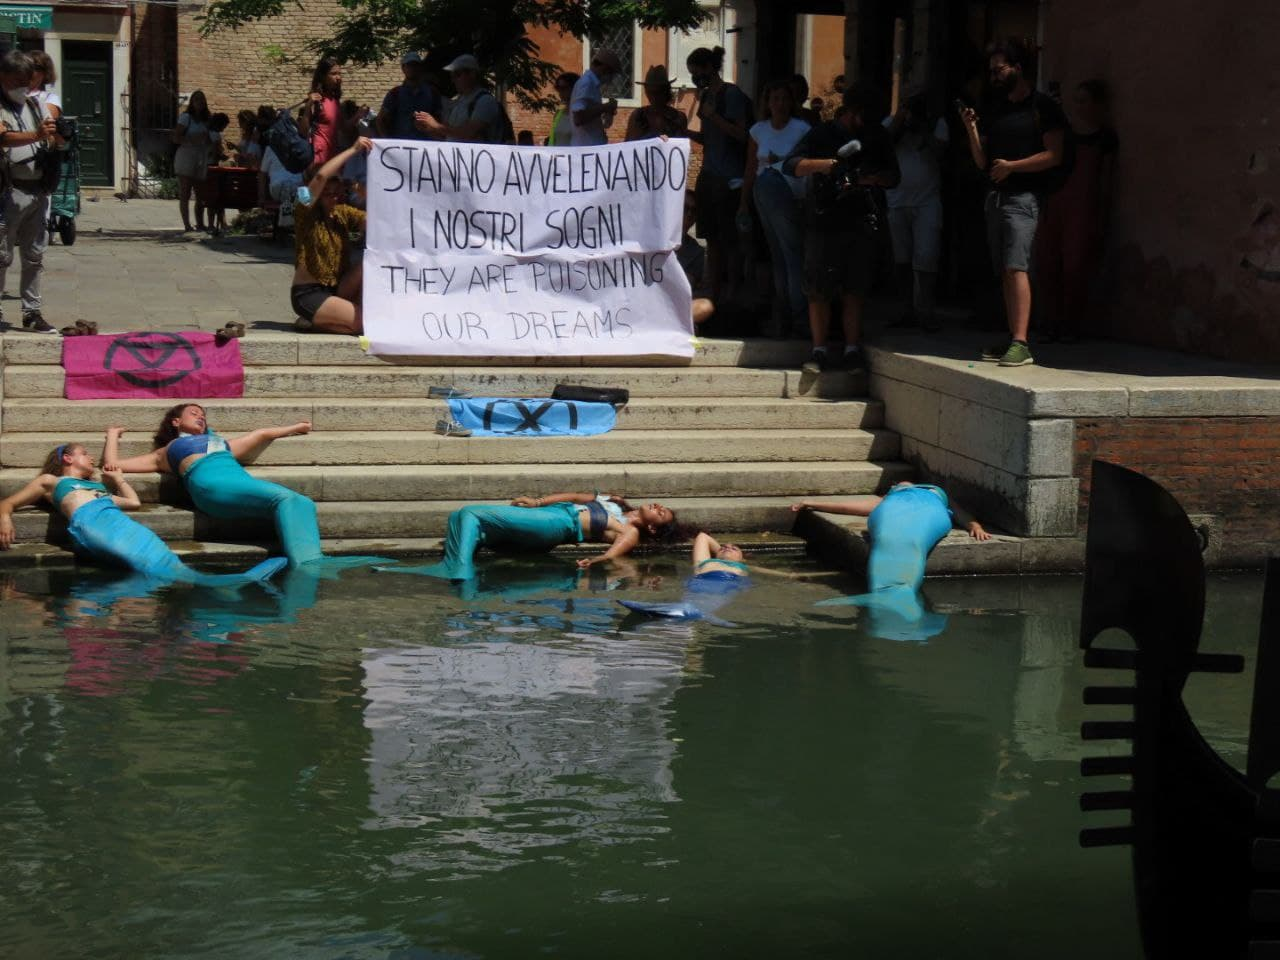 La protesta di Xr al G20 di Genova. Credits: Extinction rebellion